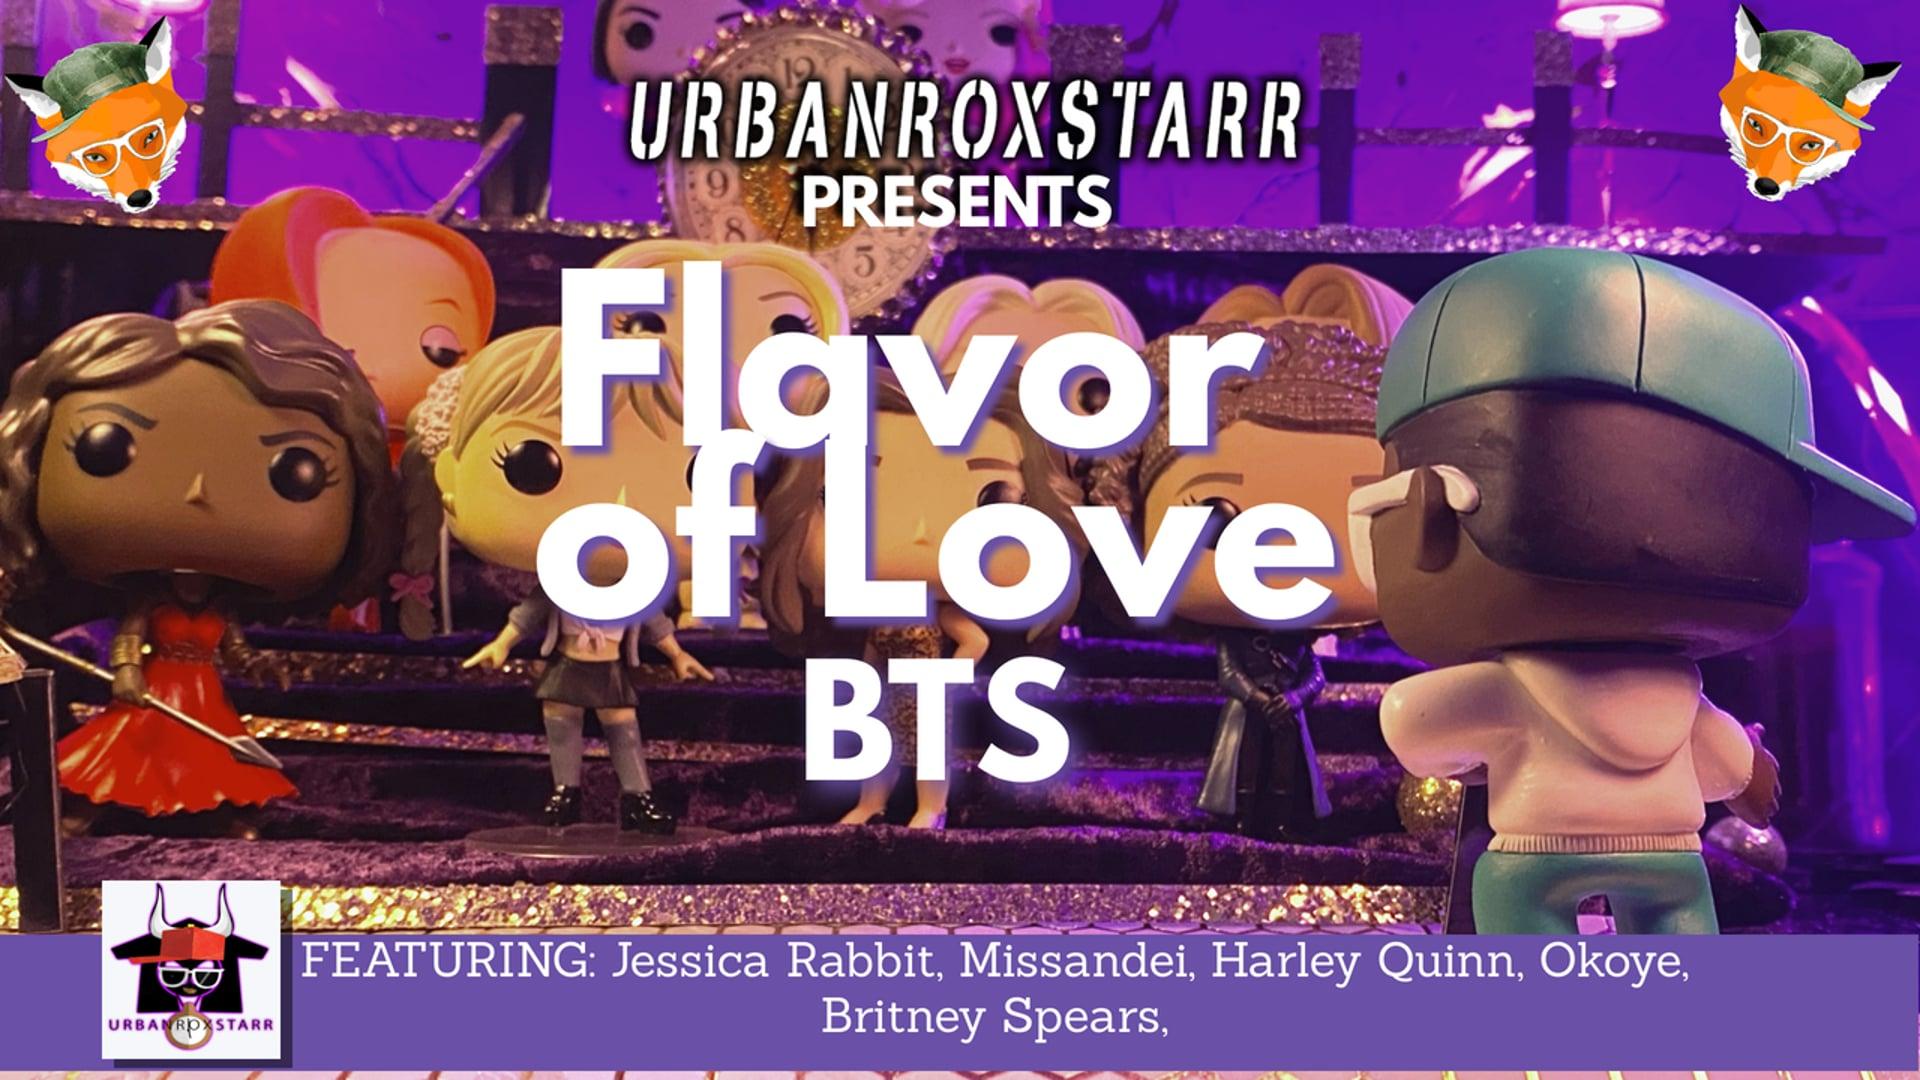 Flavor of Love BTS